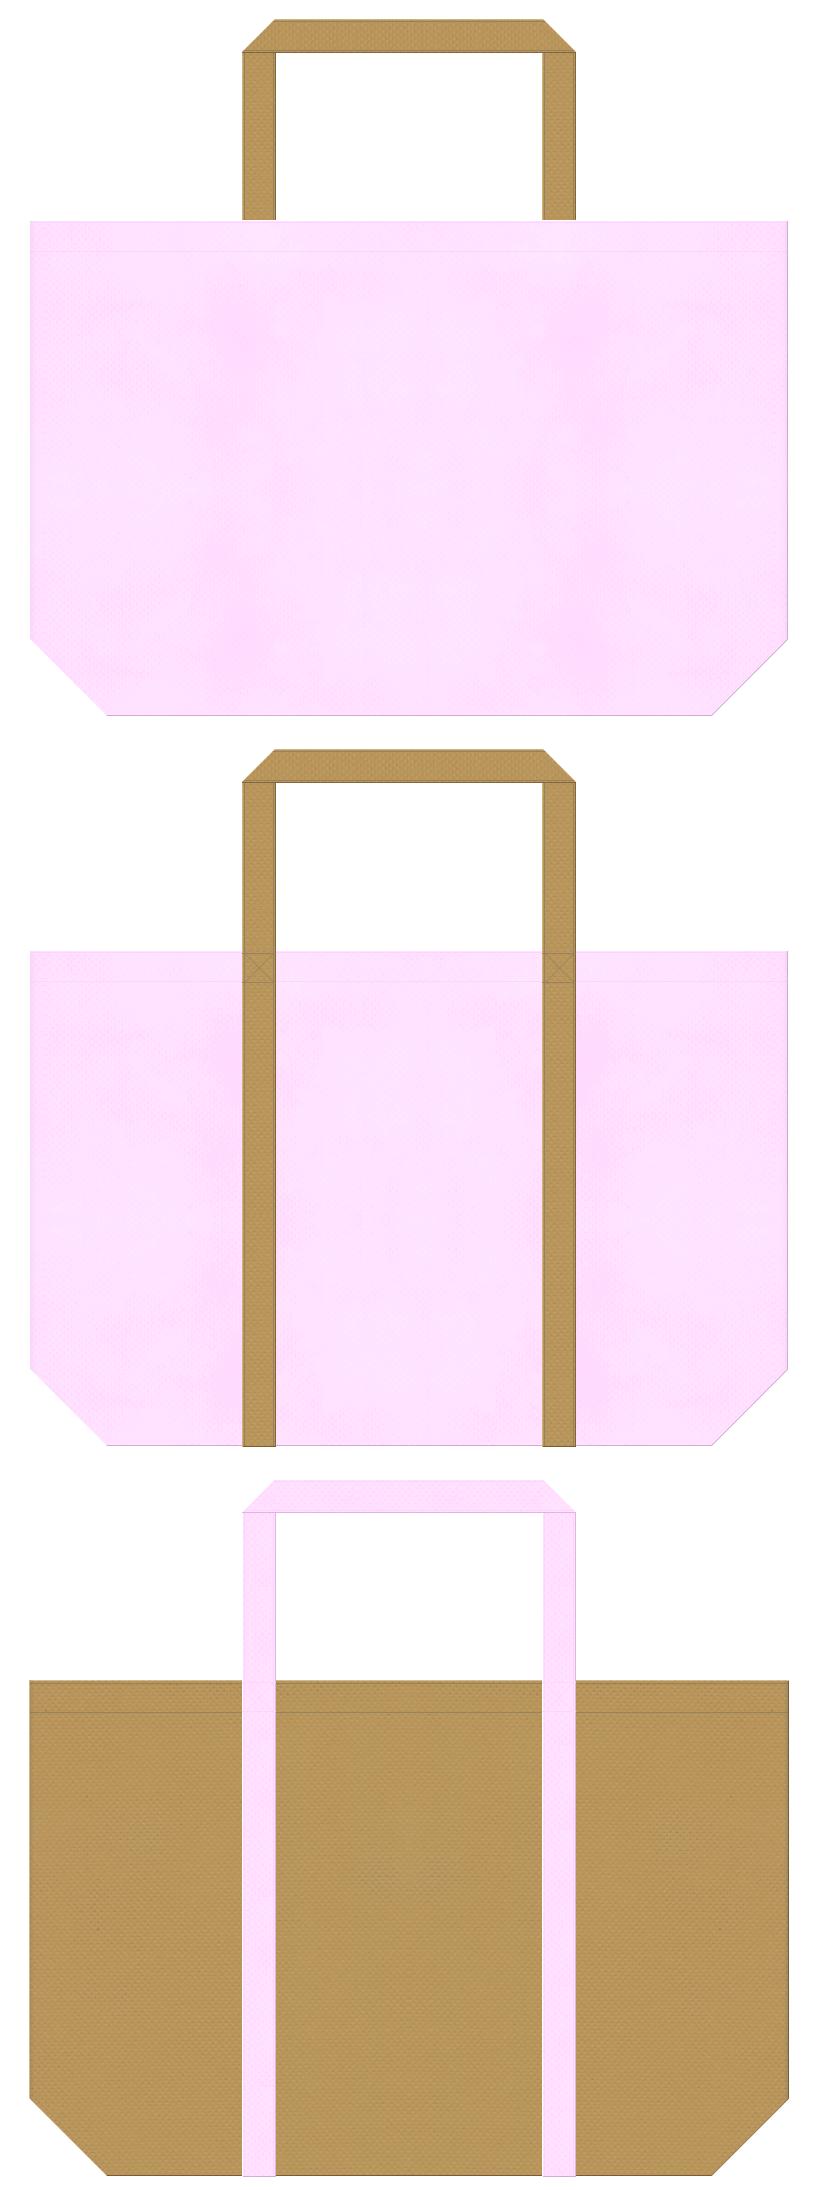 ペットショップ・ペットサロン・ペット用品・ペットフード・アニマルケア・絵本・おとぎ話・子鹿・子犬・ガーリーデザインのショッピングバッグにお奨めの不織布バッグデザイン:パステルピンク色と金黄土色のコーデ